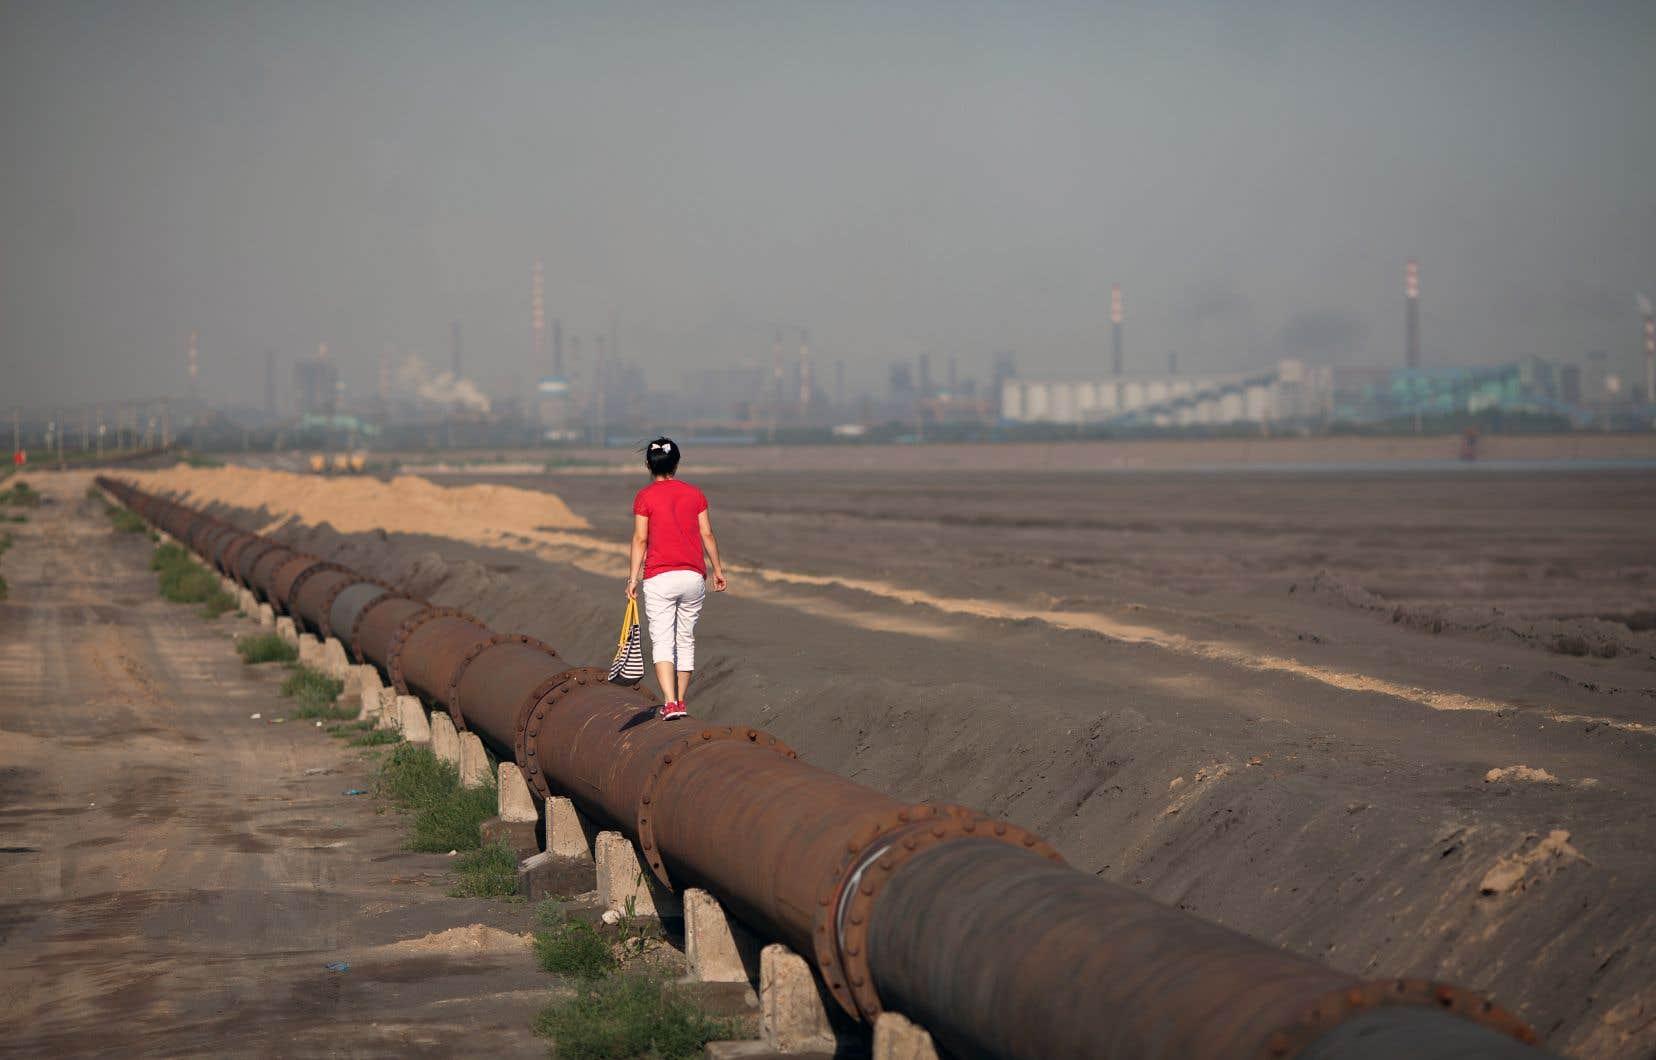 Une femme se tient debout sur un pipeline tout près d'un «lac toxique» entouré de raffineries de terres rares près de la ville de Baotou, en Mongolie intérieure.